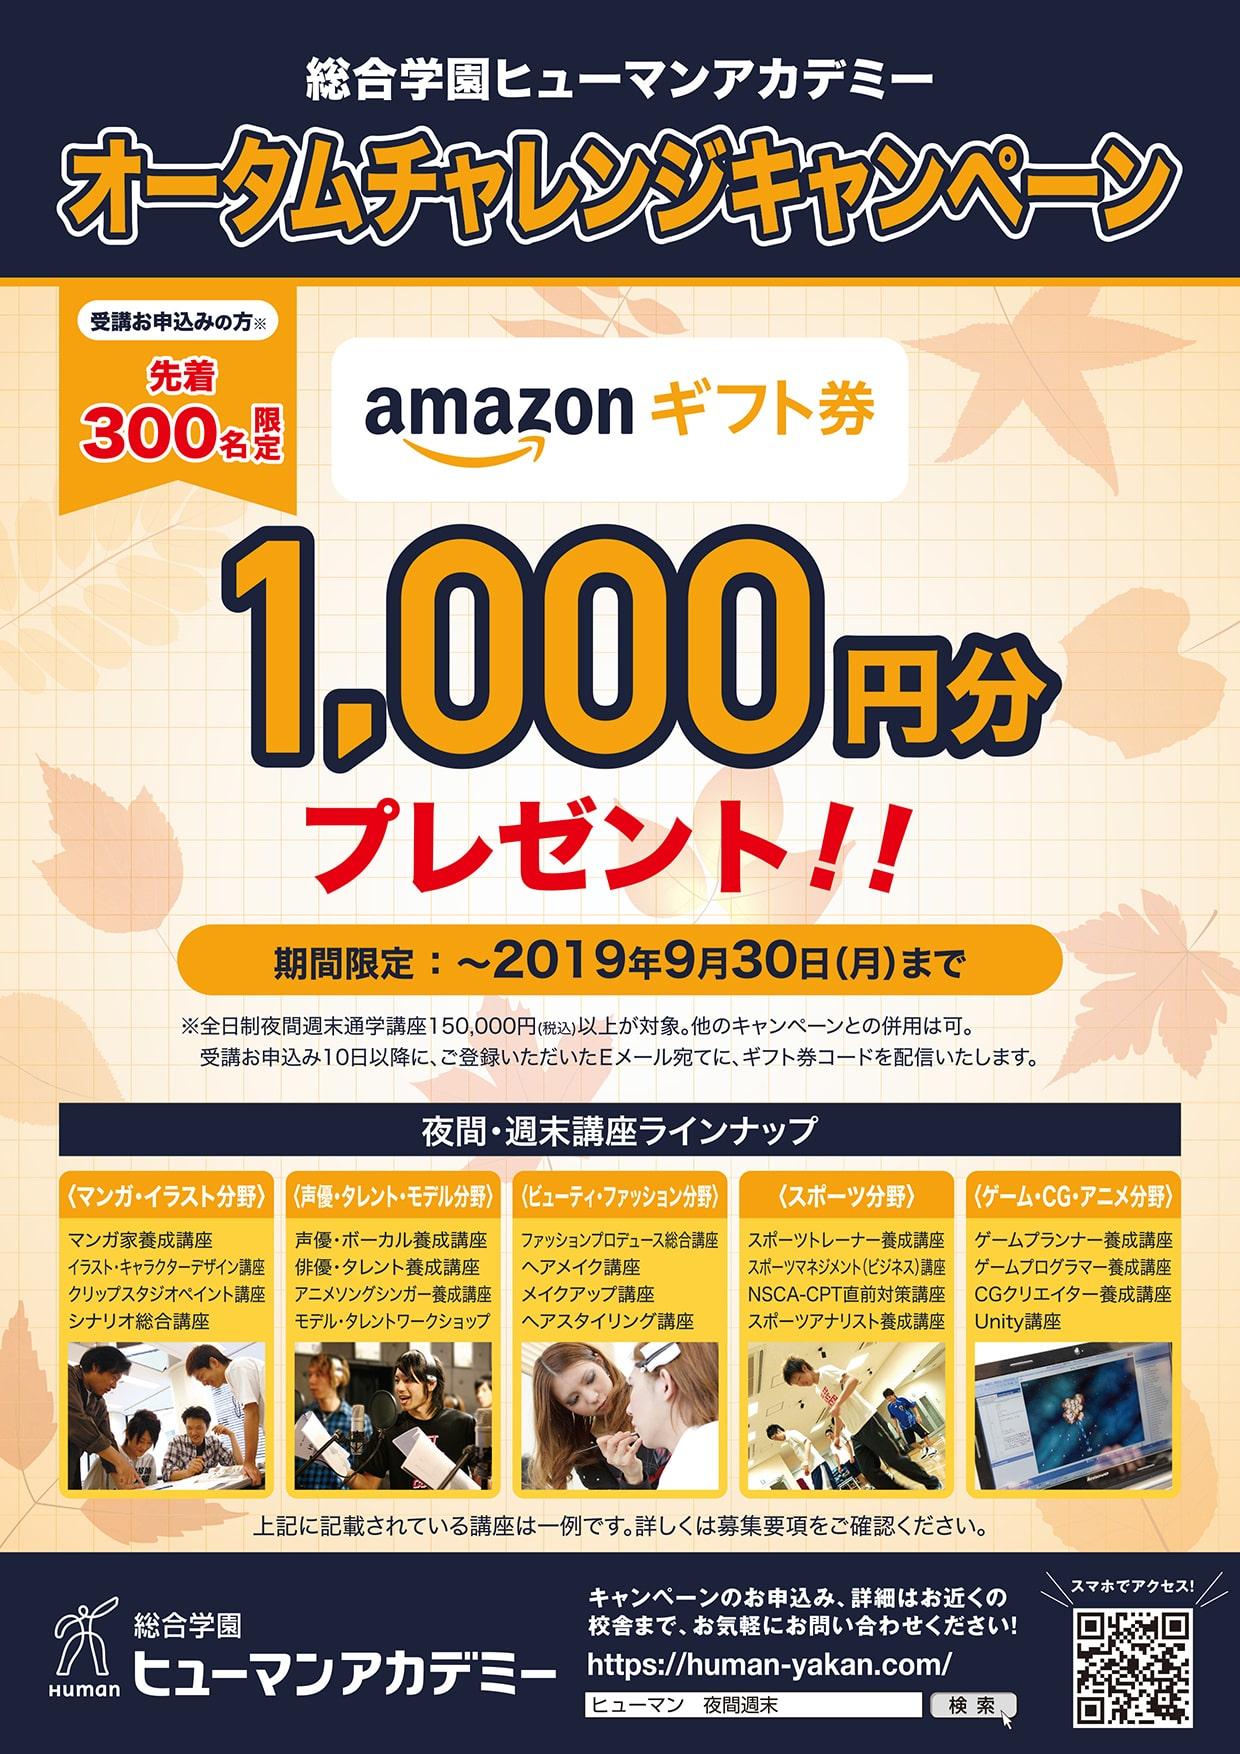 9月30日まで!!受講お申込者先着300名様にアマゾンギフトカードプレゼント!!